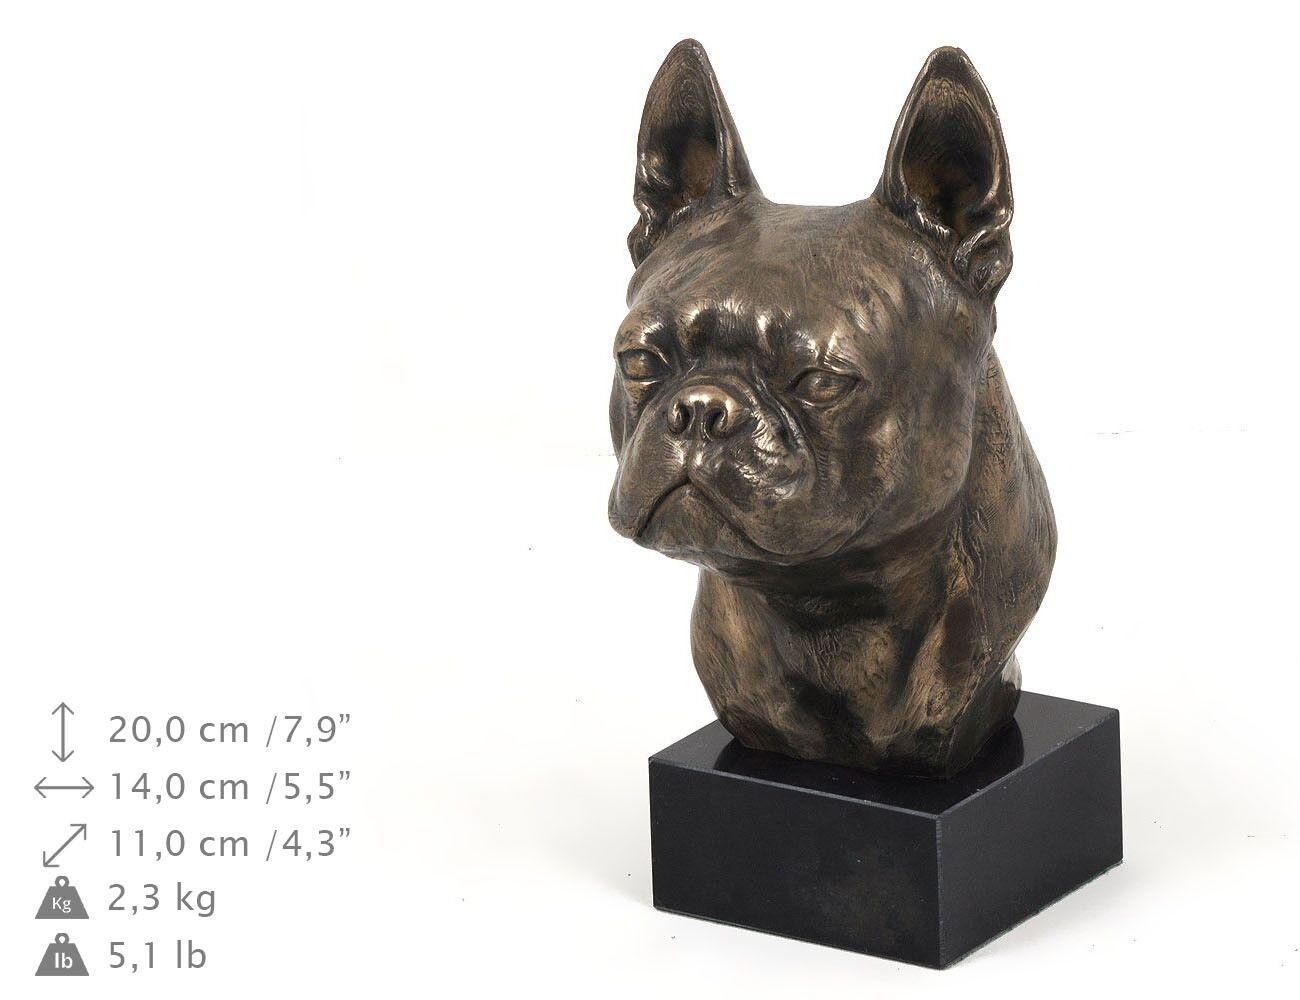 Boston Terrier - statua di cane, edizione limitata Kunst Hund IT